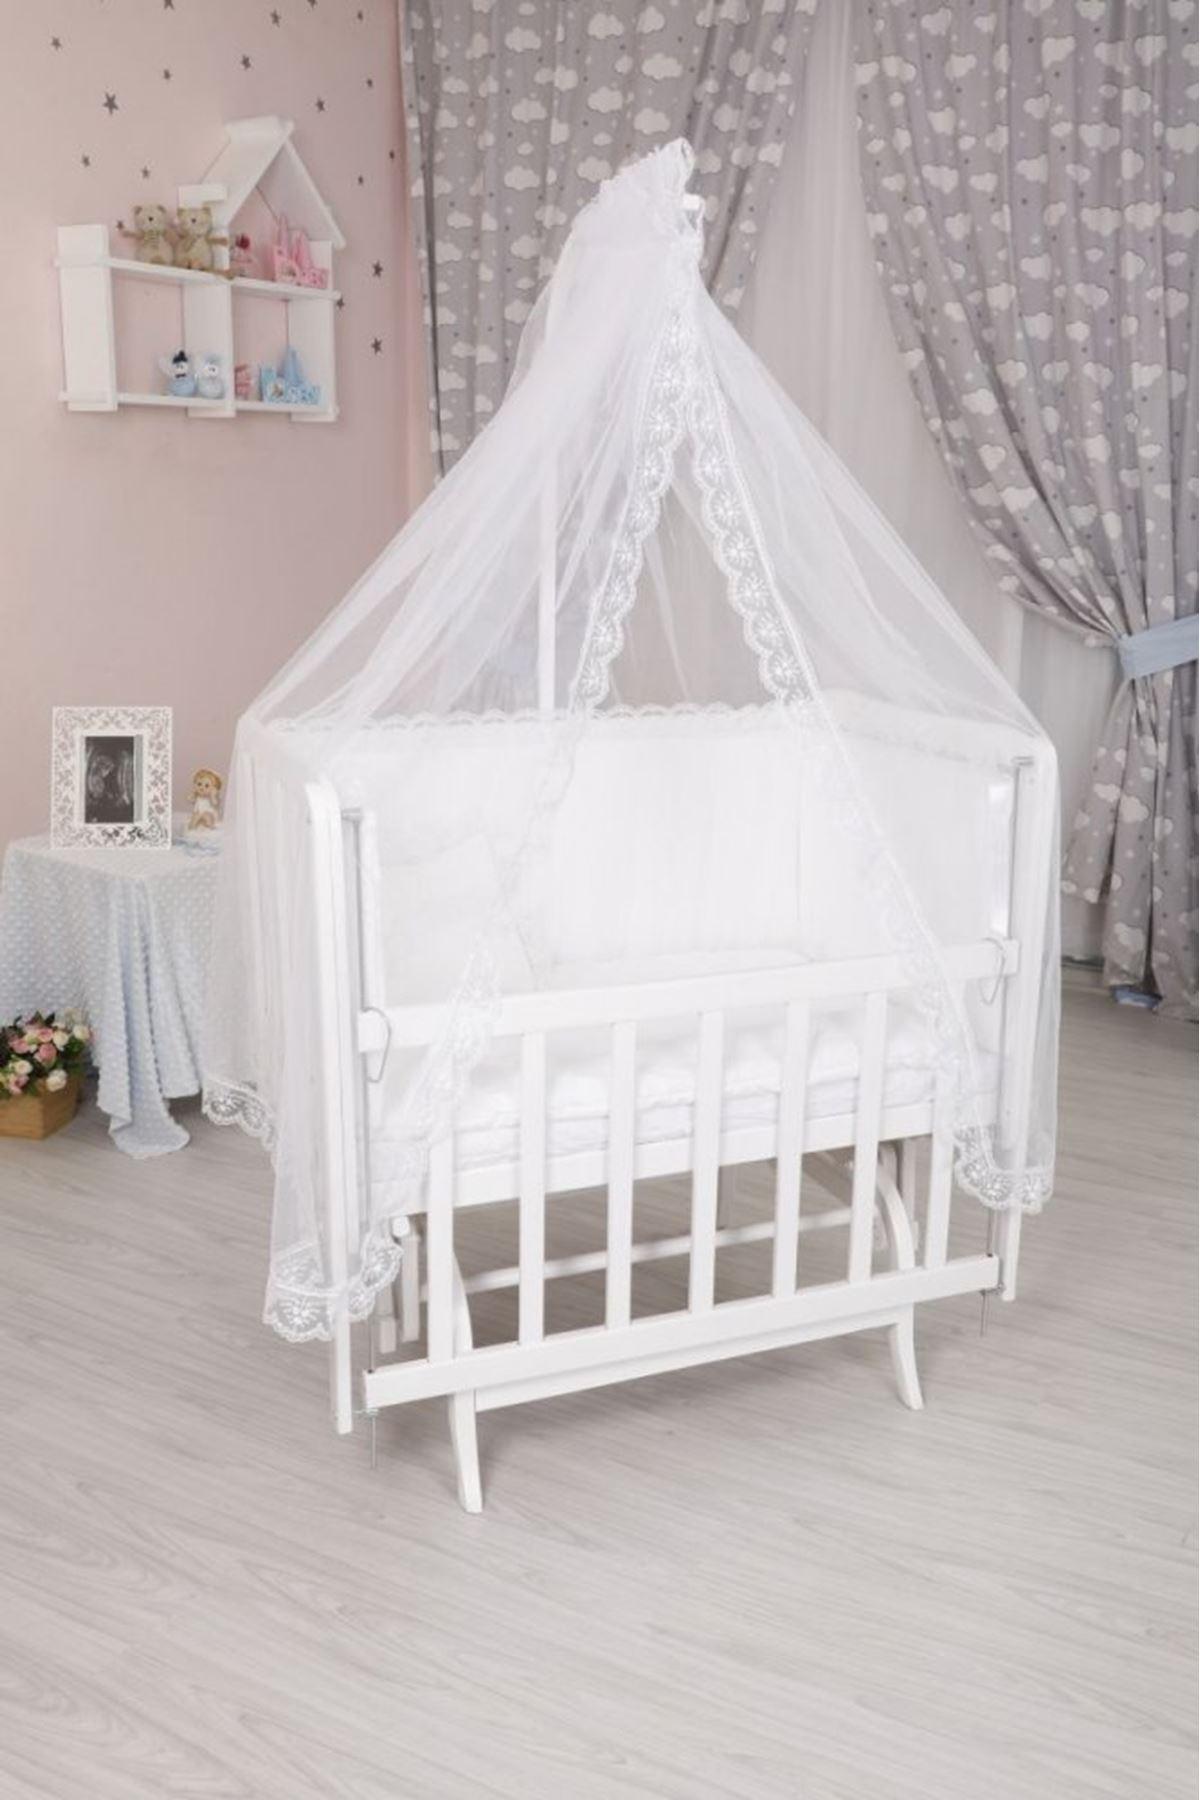 Beyaz Fransız Uyku Seti ile Beyaz Anne Yanı Beşik